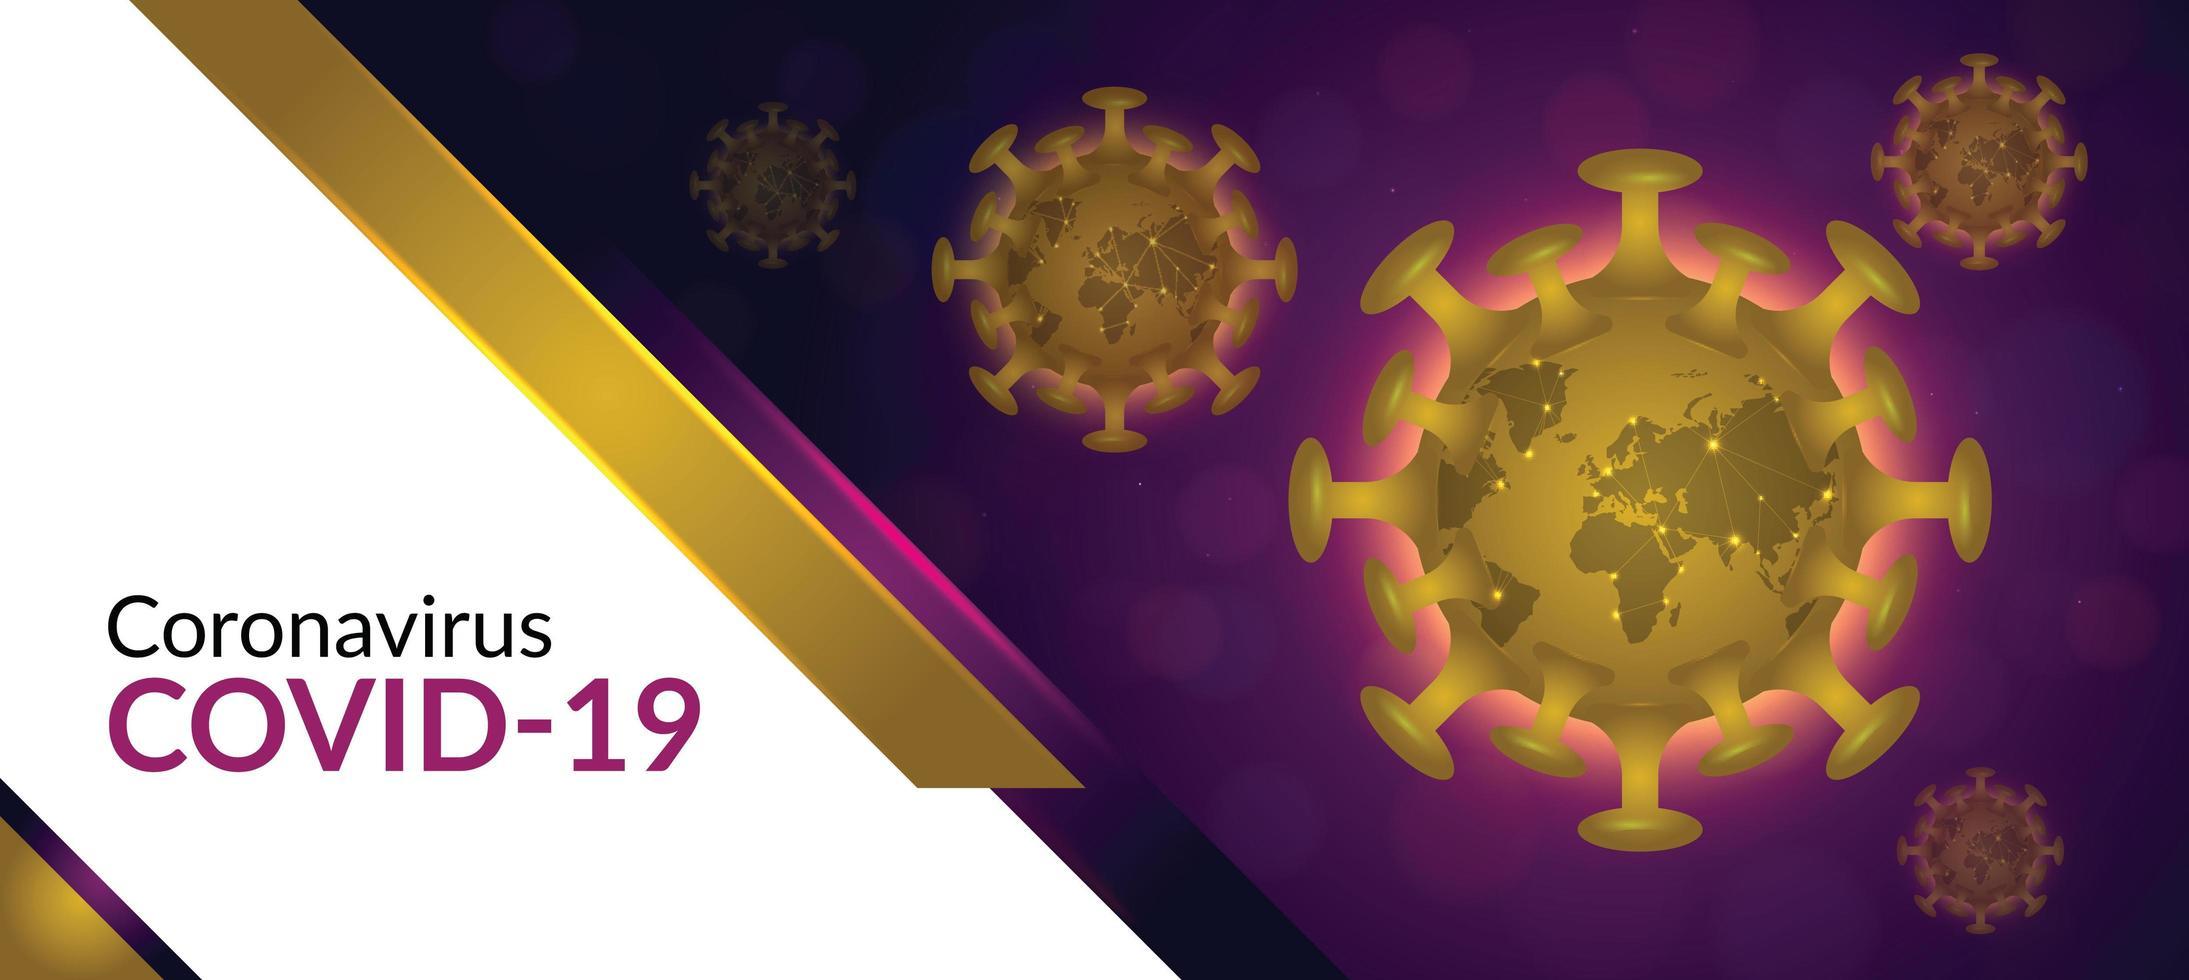 lila und goldenes Coronavirus-Banner vektor